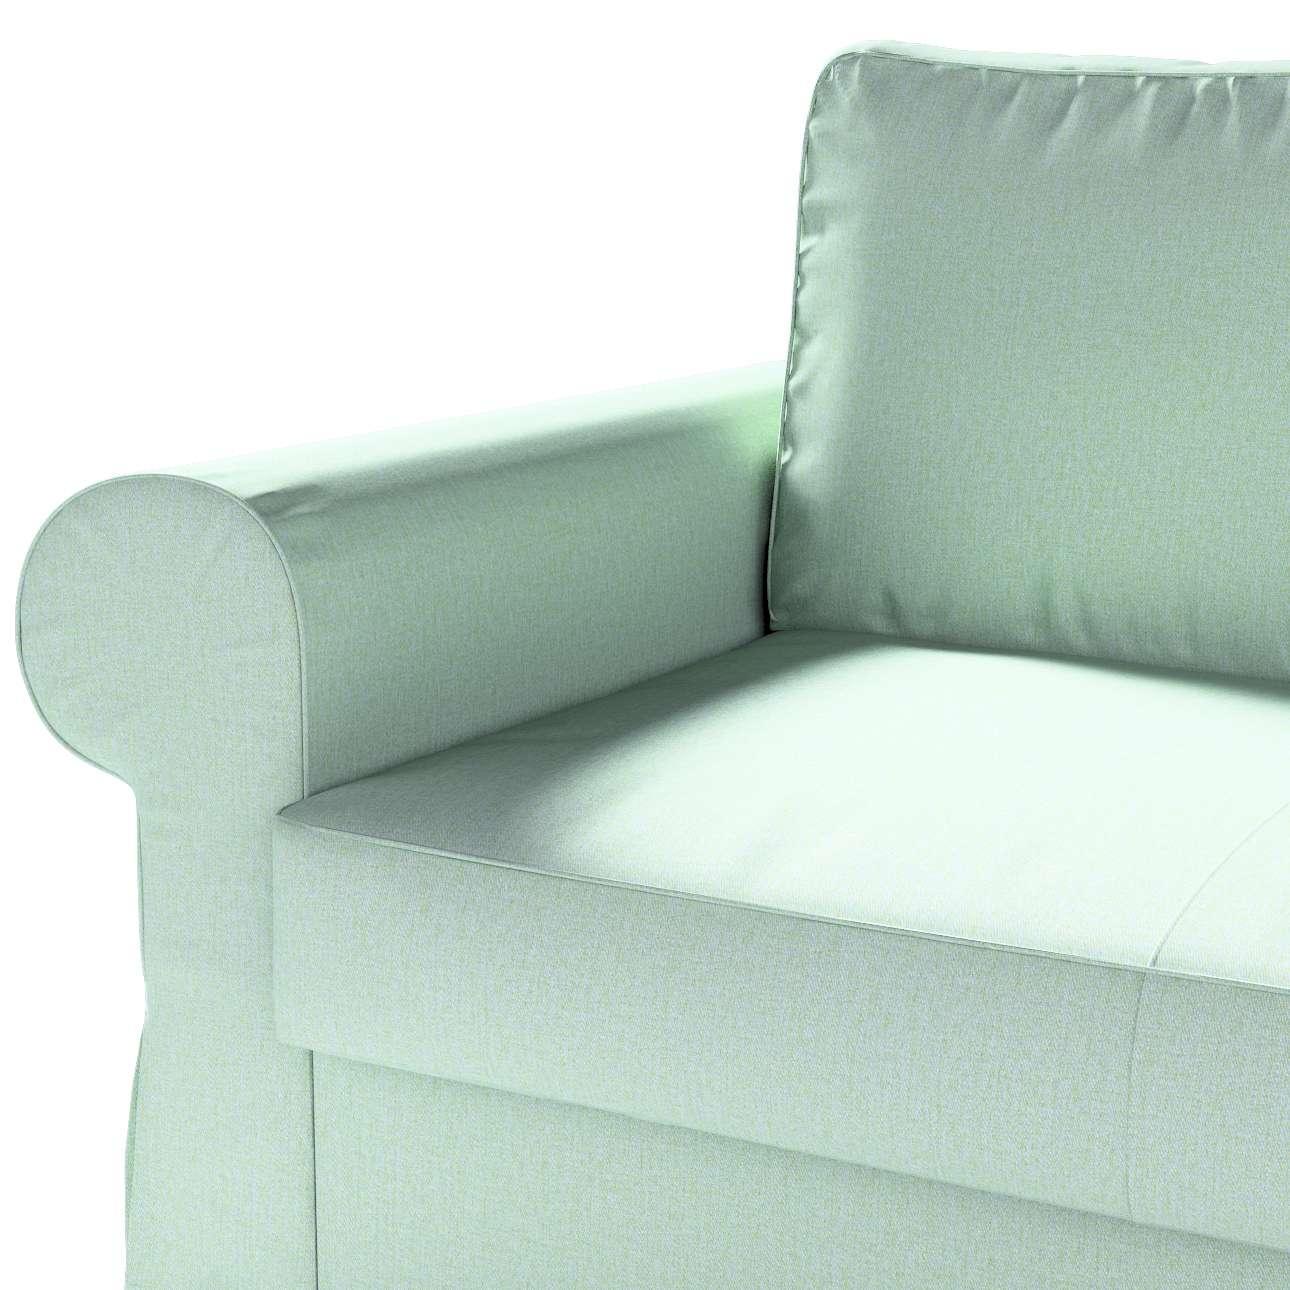 Bezug für Backabro 2-Sitzer Sofa ausklappbar von der Kollektion Living, Stoff: 161-61